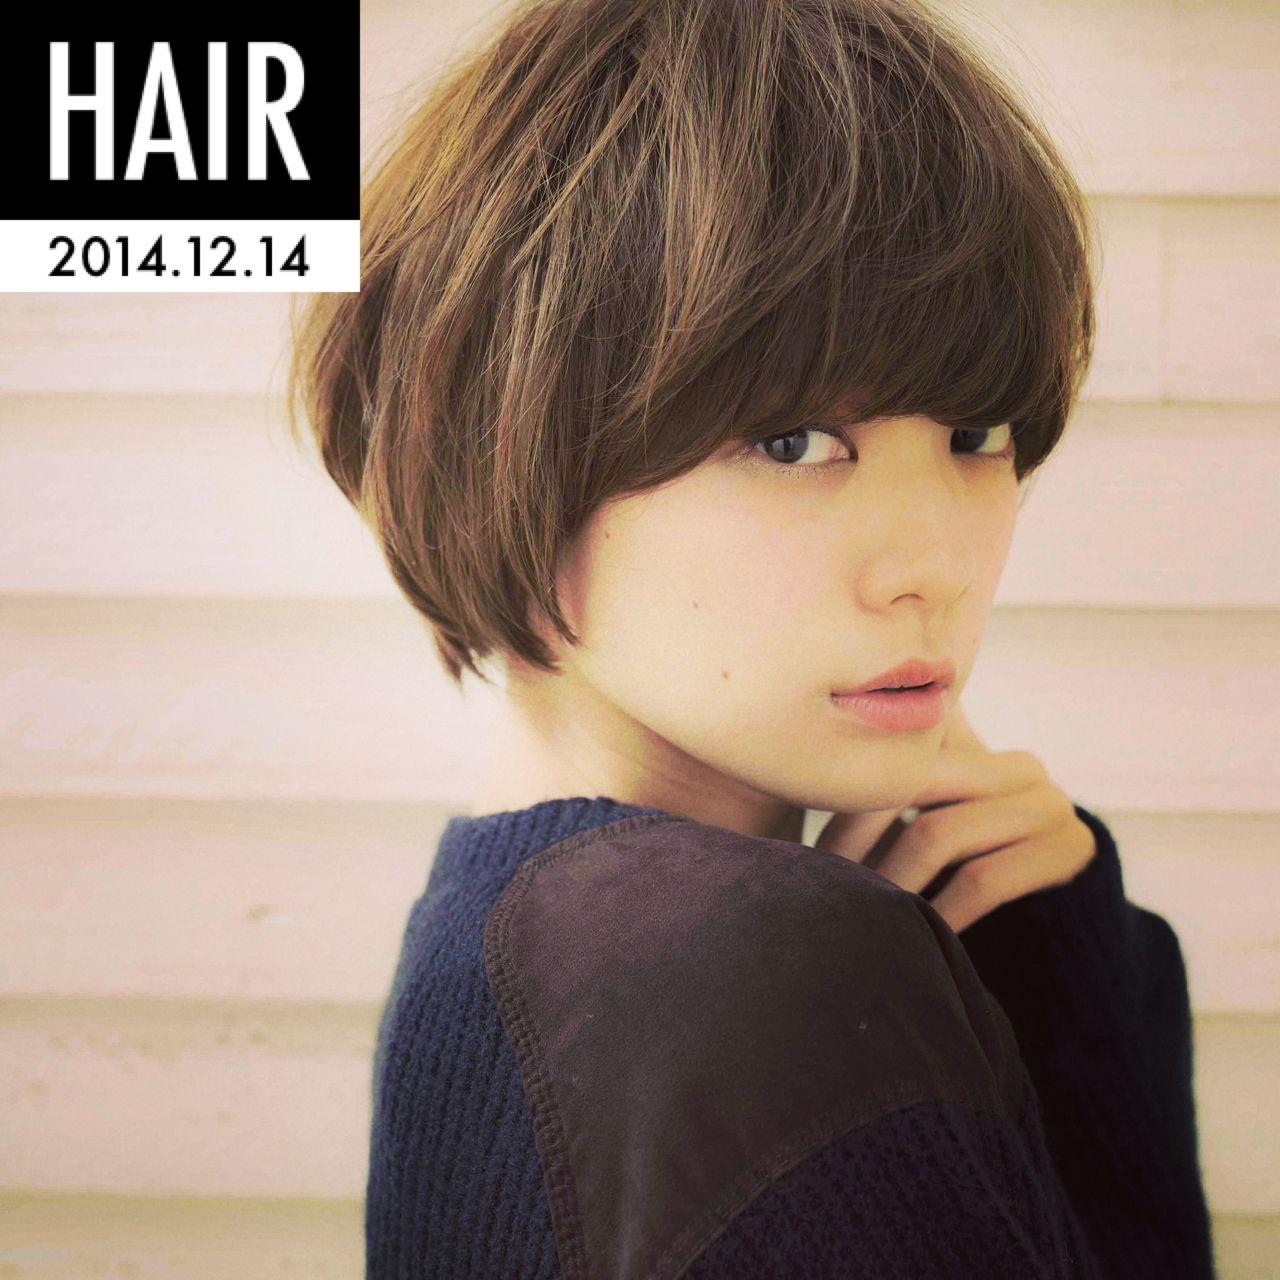 ナチュラル 大人かわいい ショート モテ髪 ヘアスタイルや髪型の写真・画像